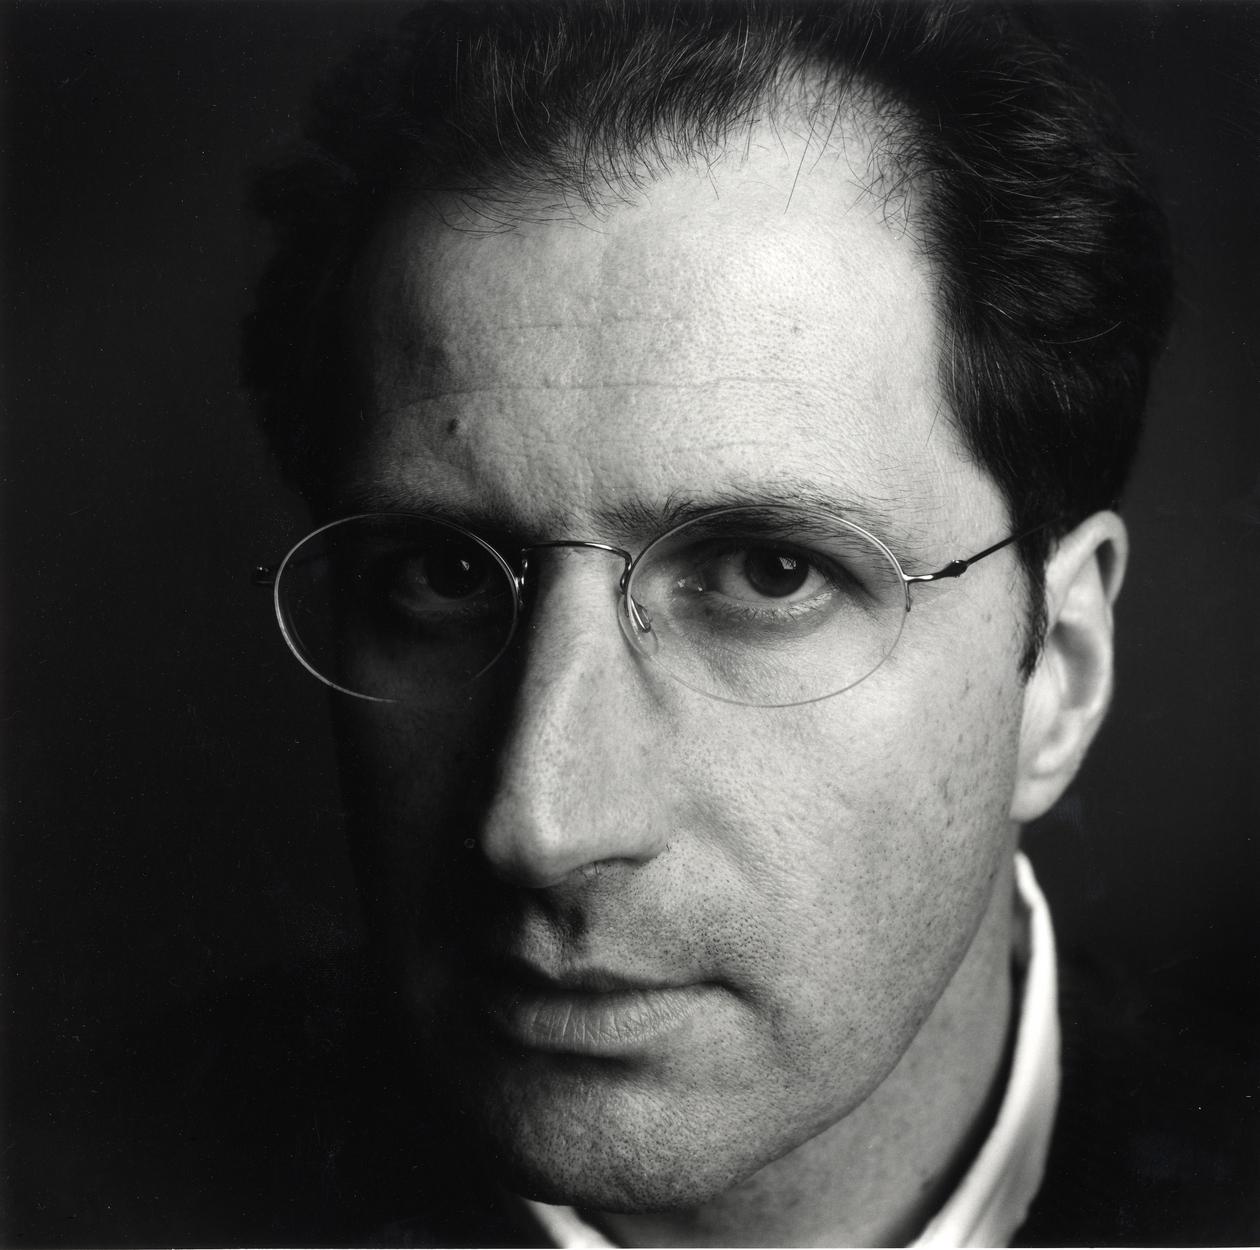 image for Ben Loulou, Didier (né en 1958)